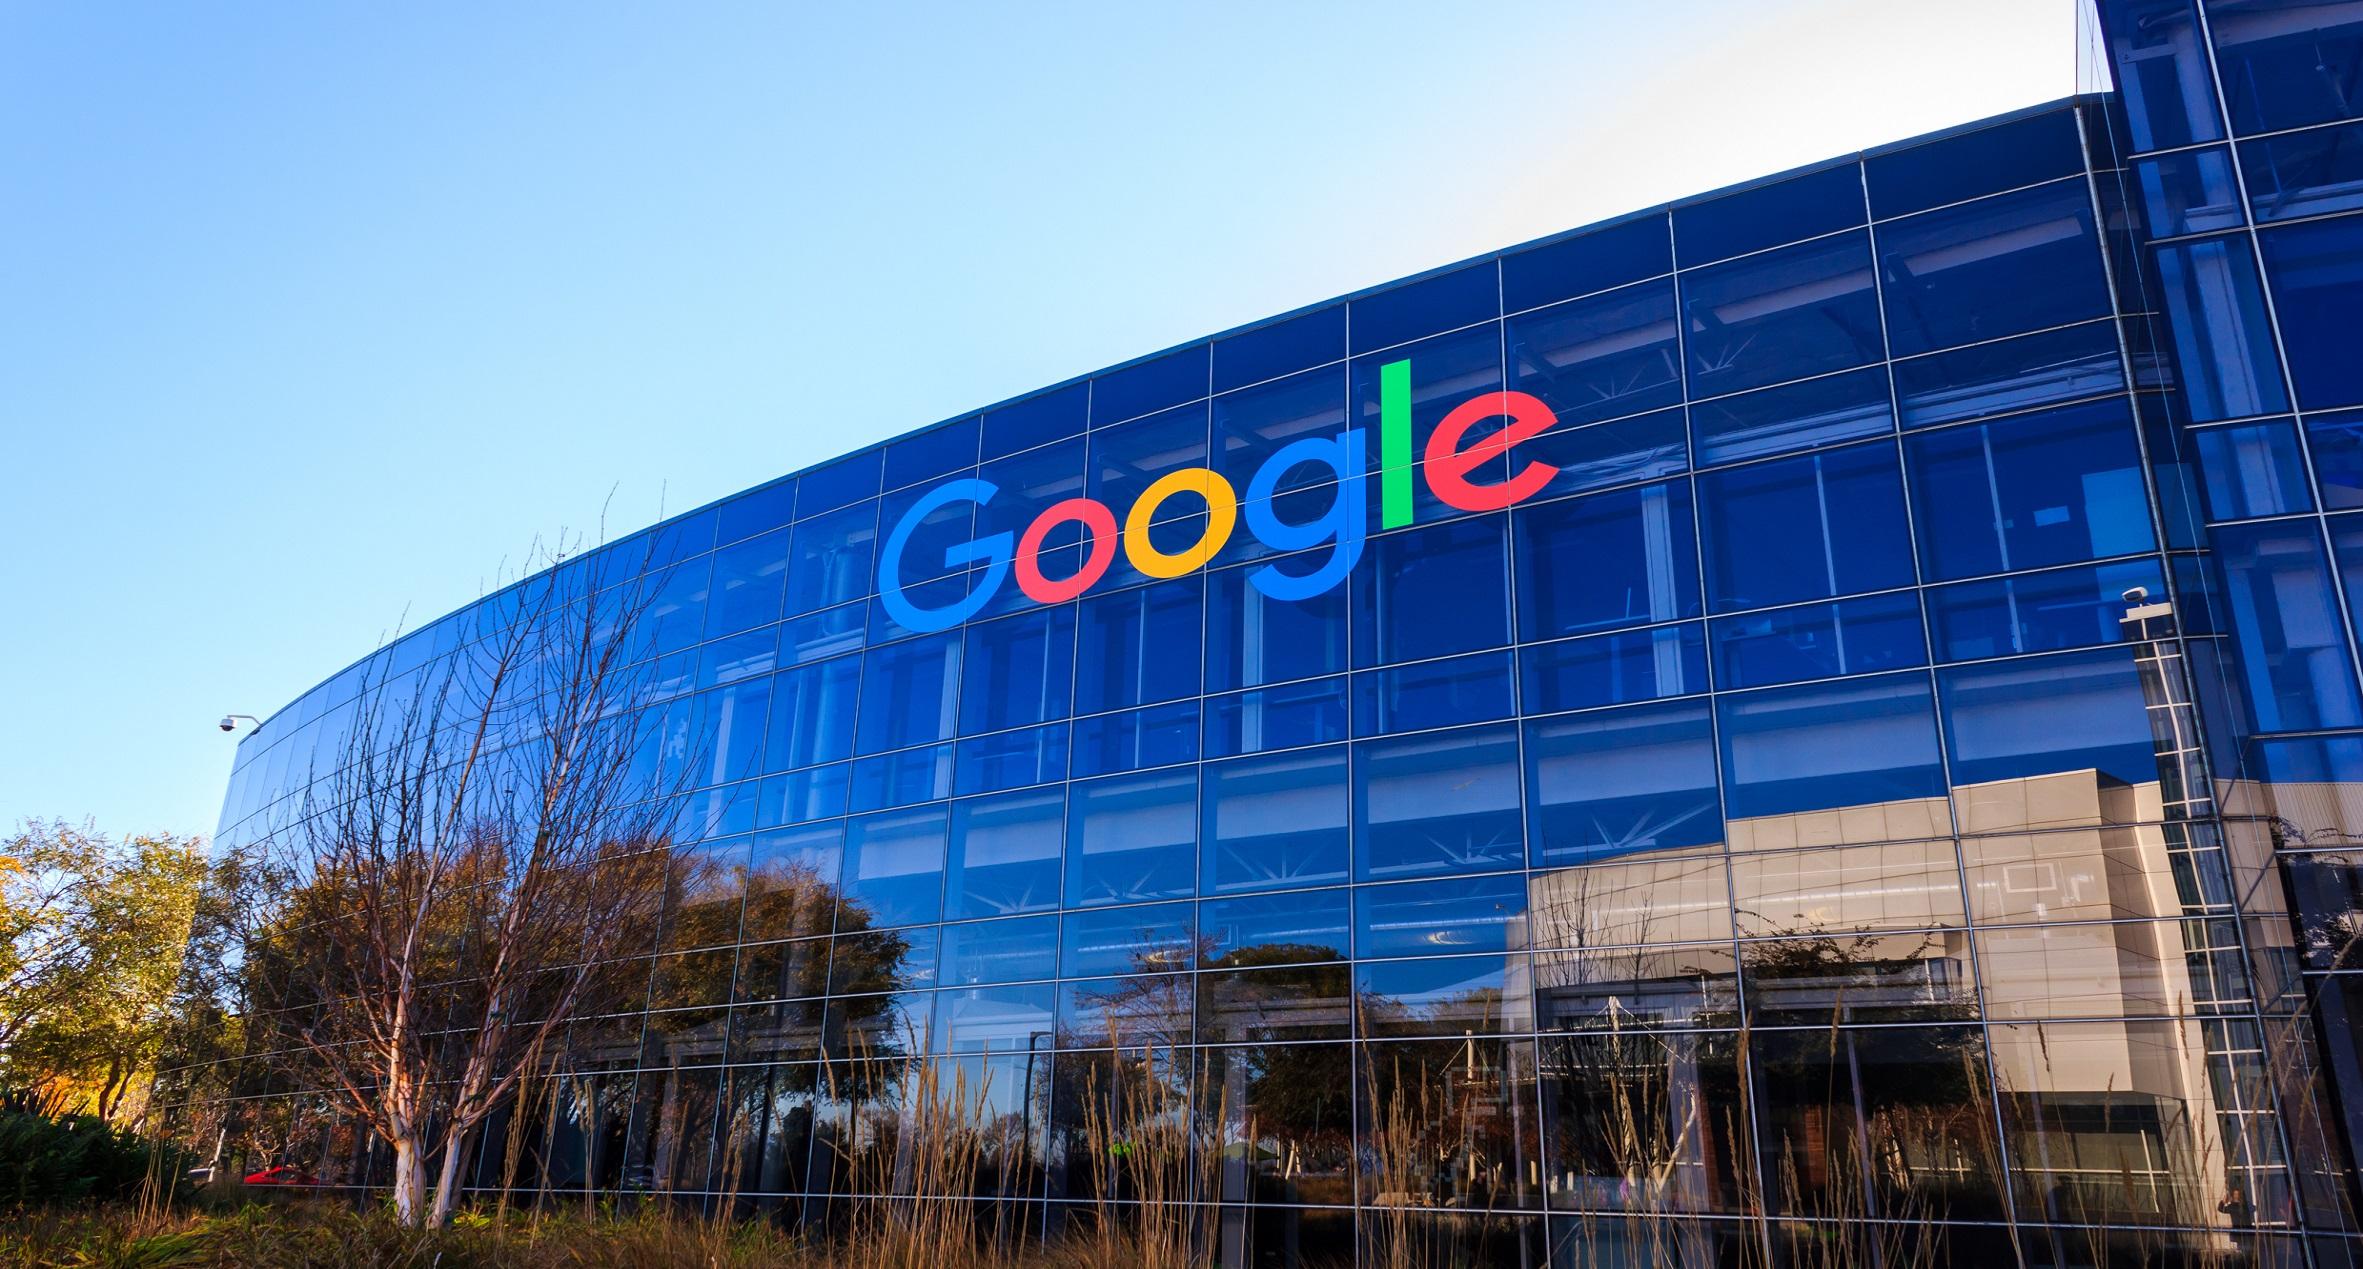 Medic Update e aggiornamenti Google: cos'è e come comportarsi